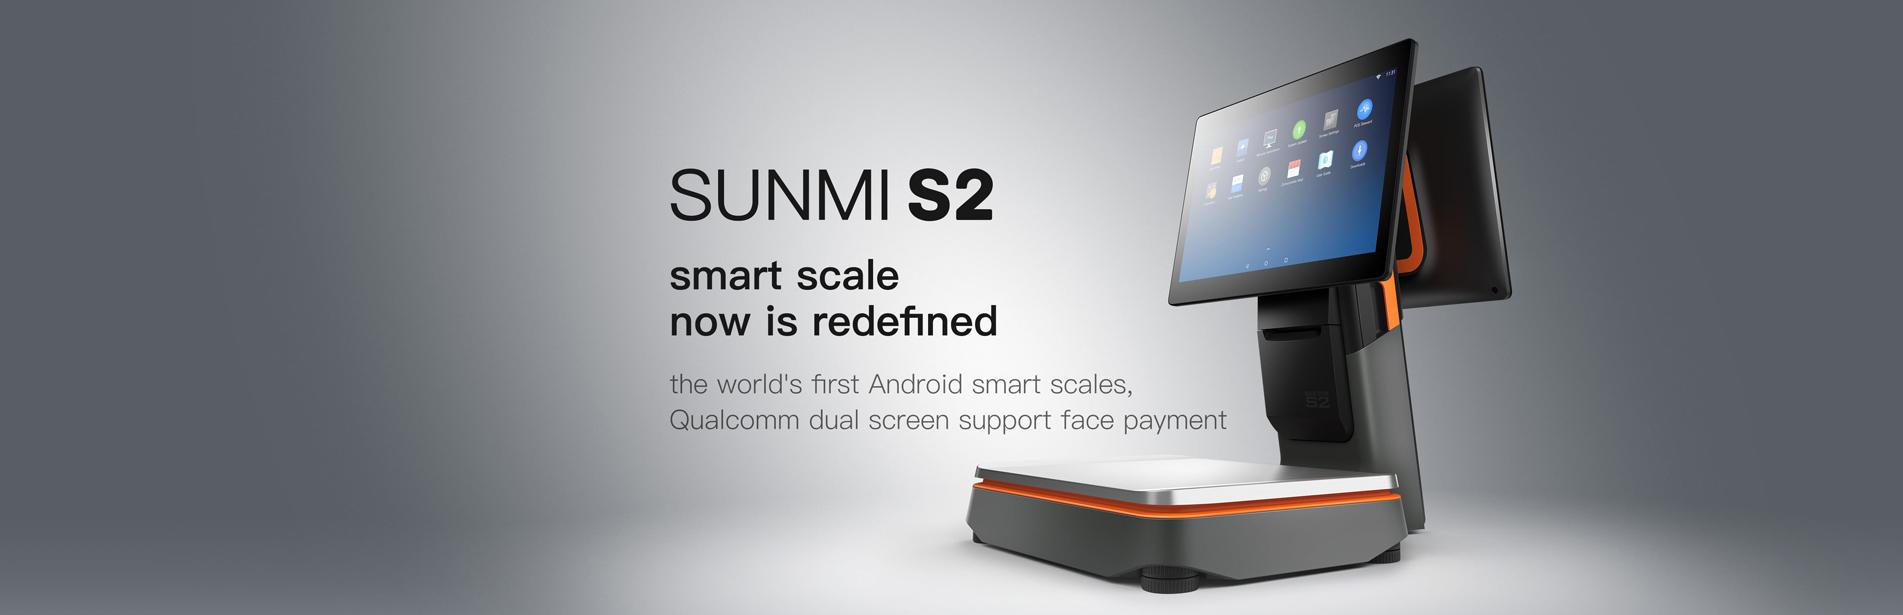 SUNMI S2